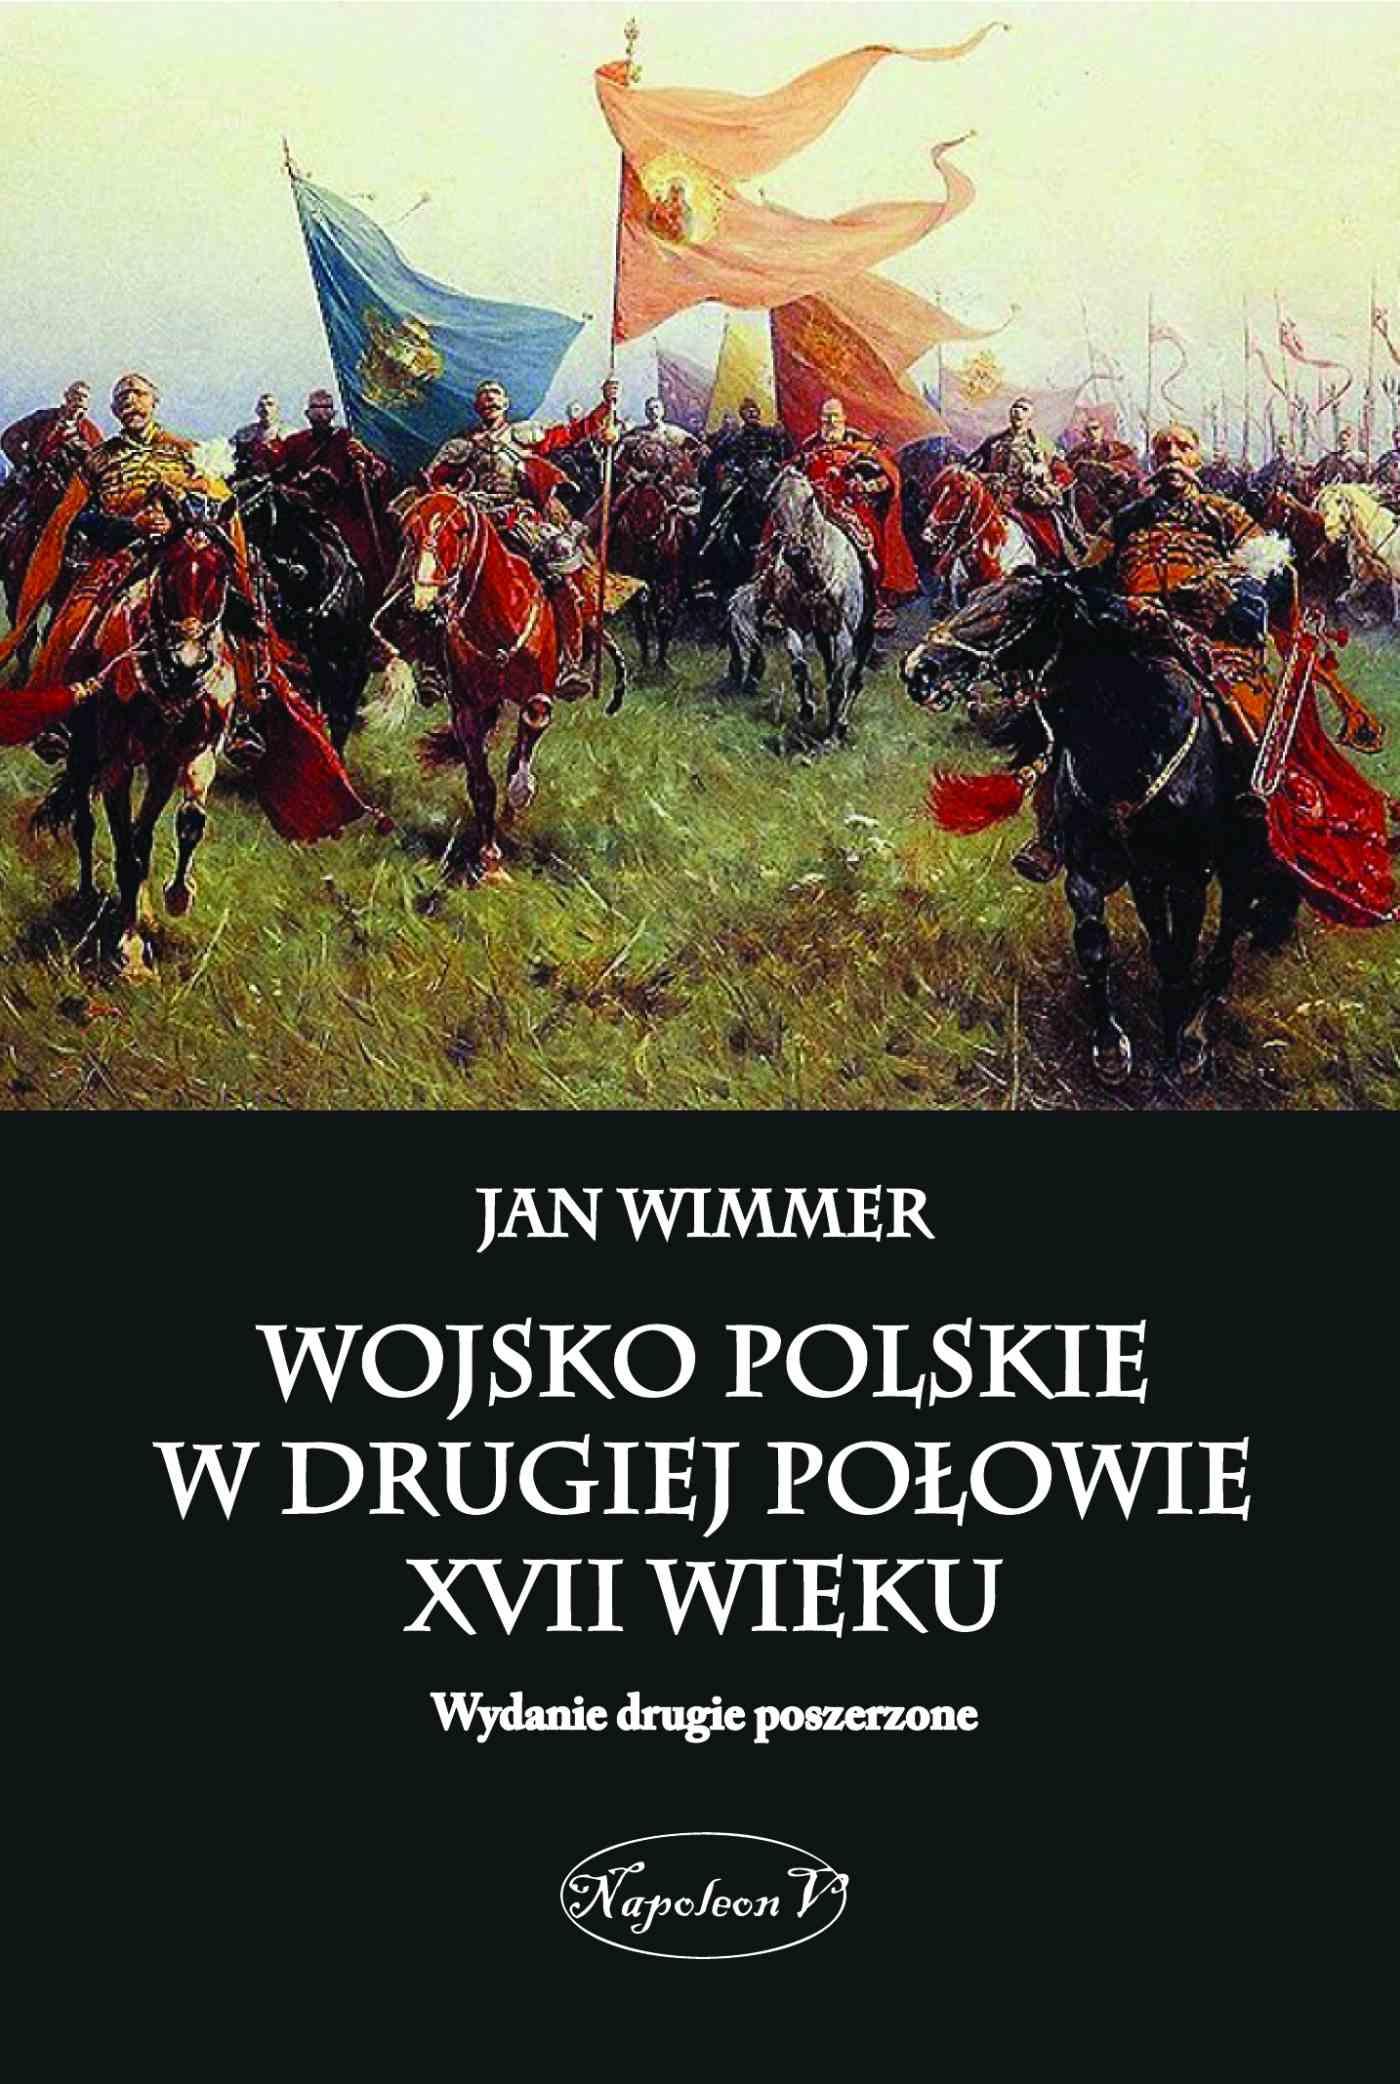 Wojsko polskie w drugiej połowie XVII wieku - Ebook (Książka EPUB) do pobrania w formacie EPUB